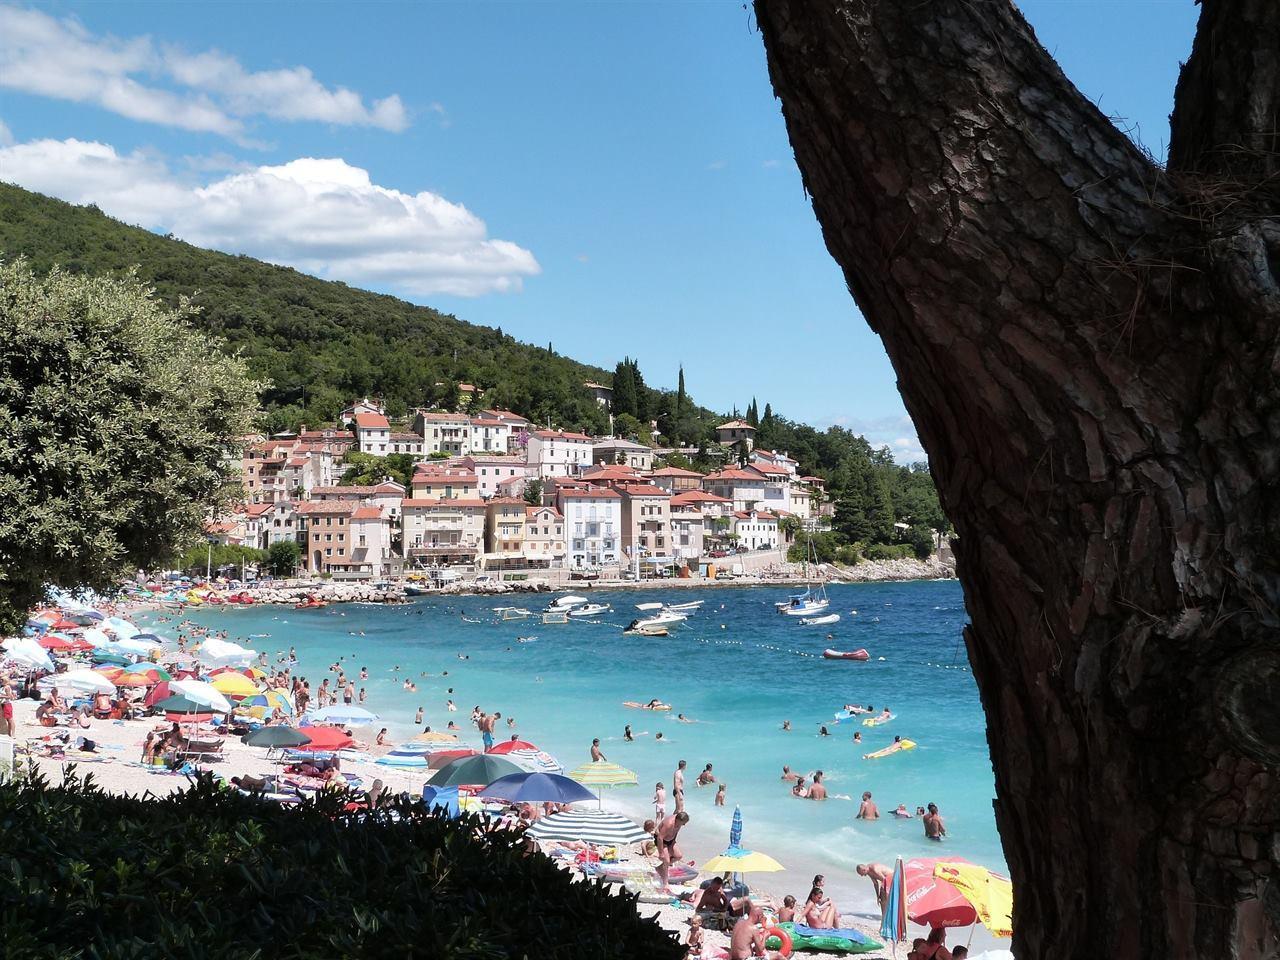 Туристический пляж для купания и отдыха